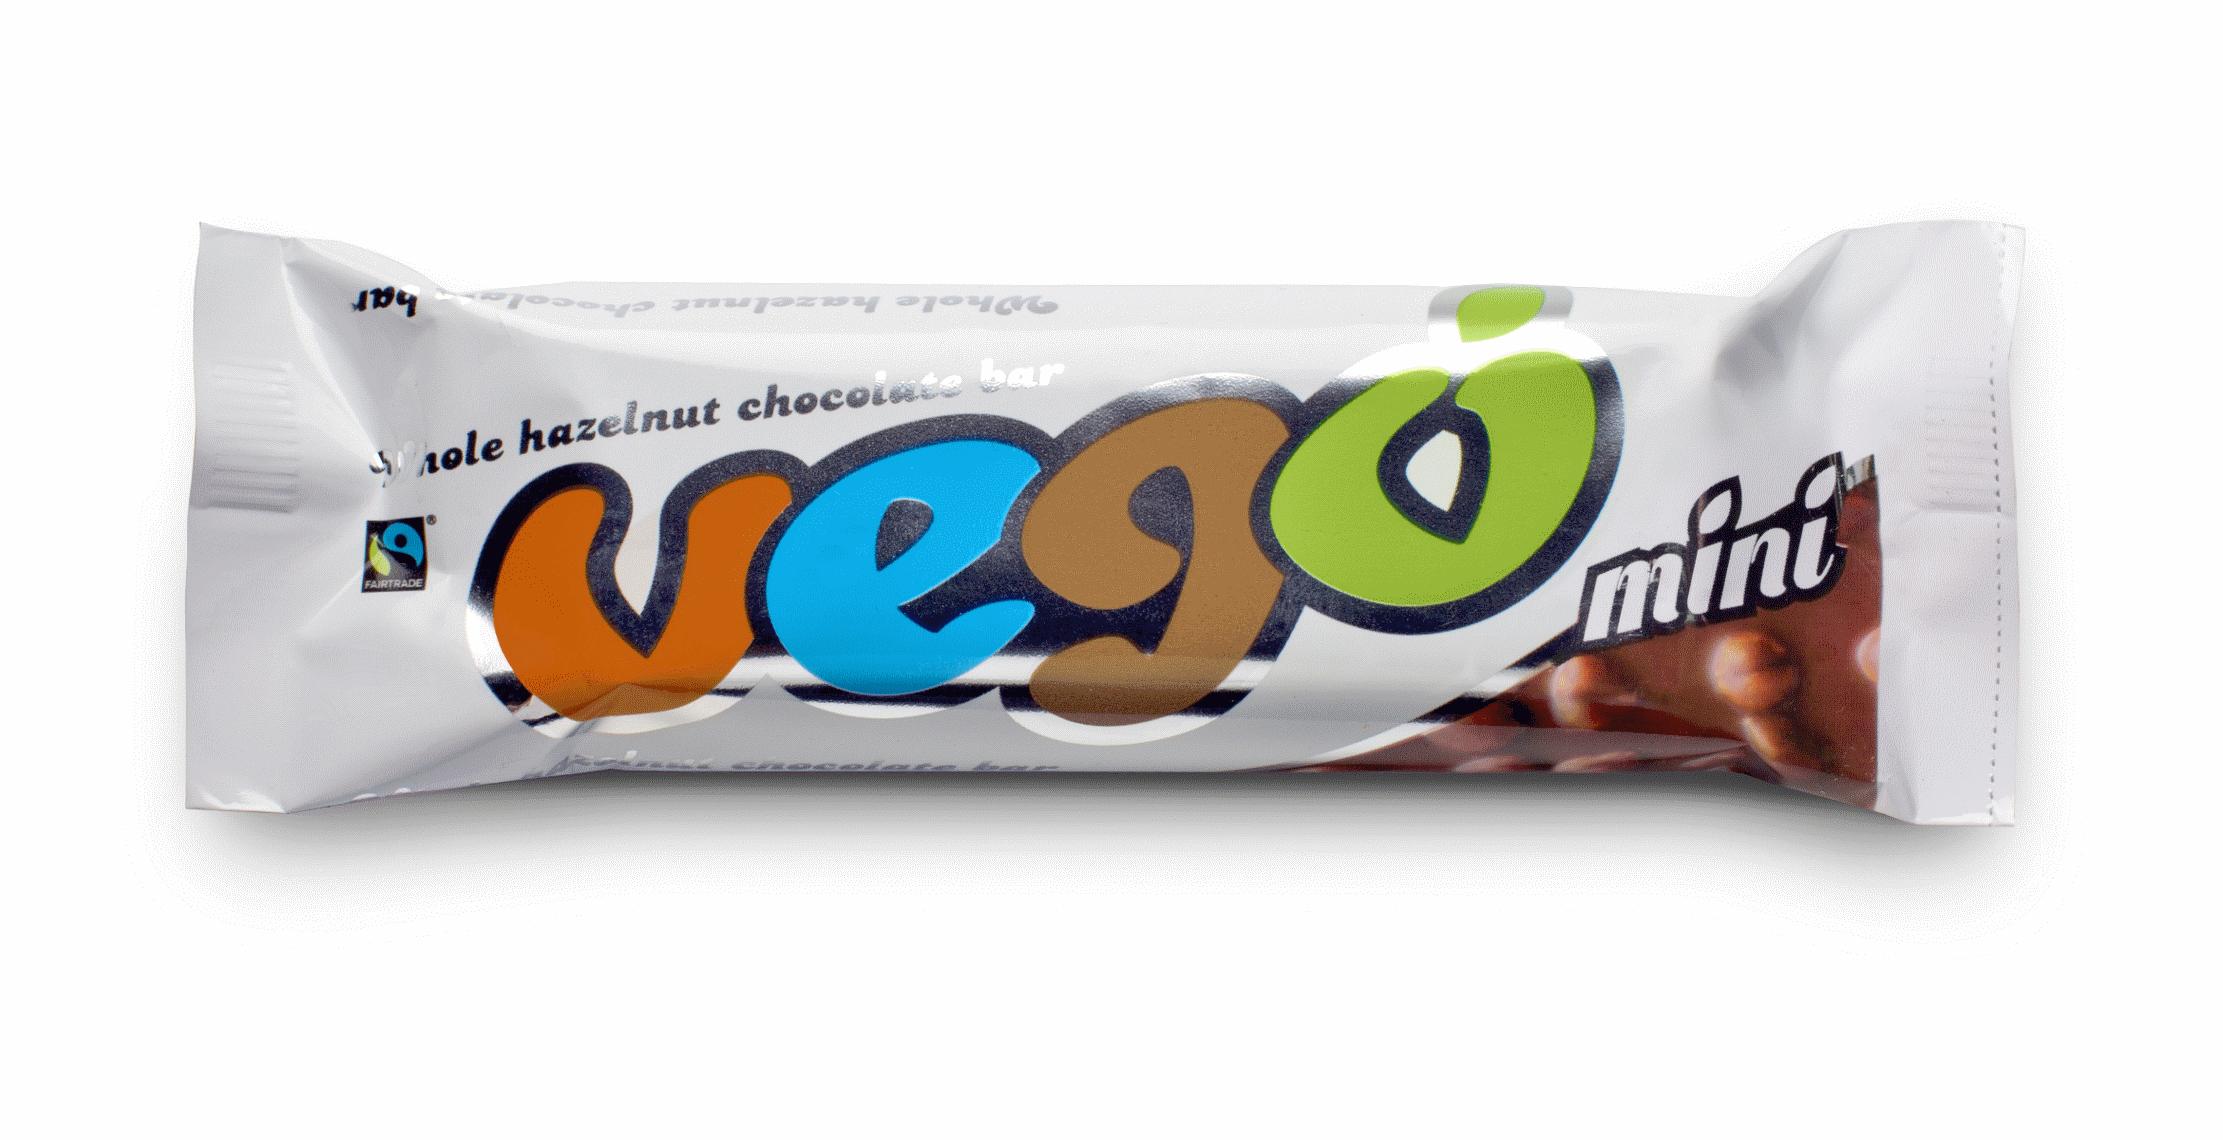 Vego mini Whole Hazelnut Chocolate Bar CONV, 65g